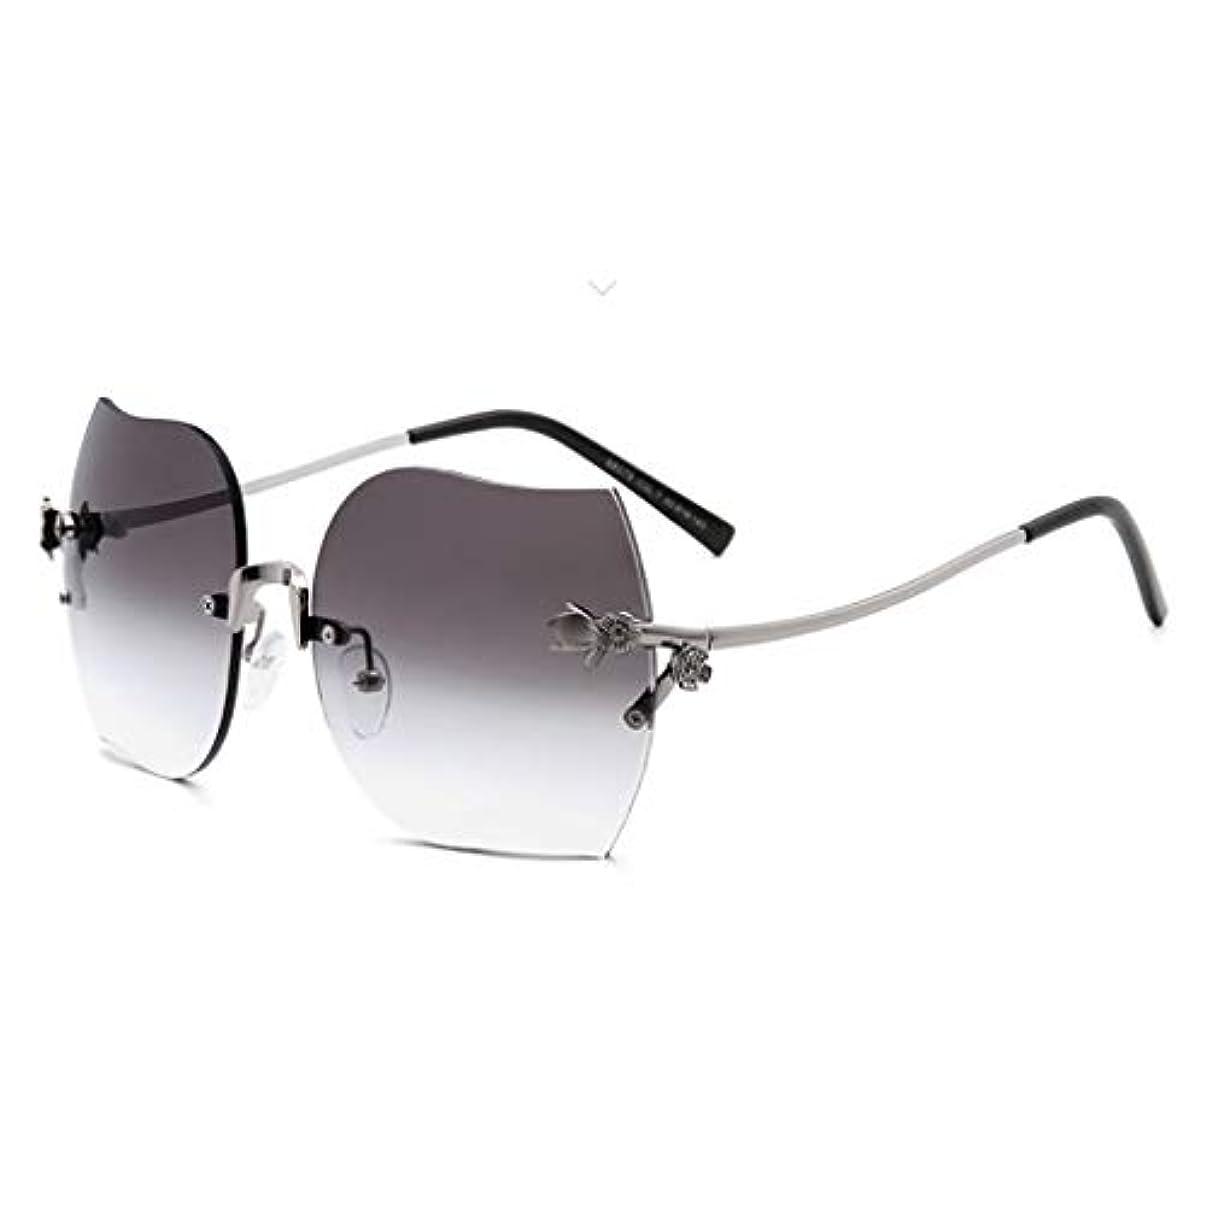 リス骨折とげVintage Half Round Sunglasses、女性クラシックレトロデザインスタイルブラウン用